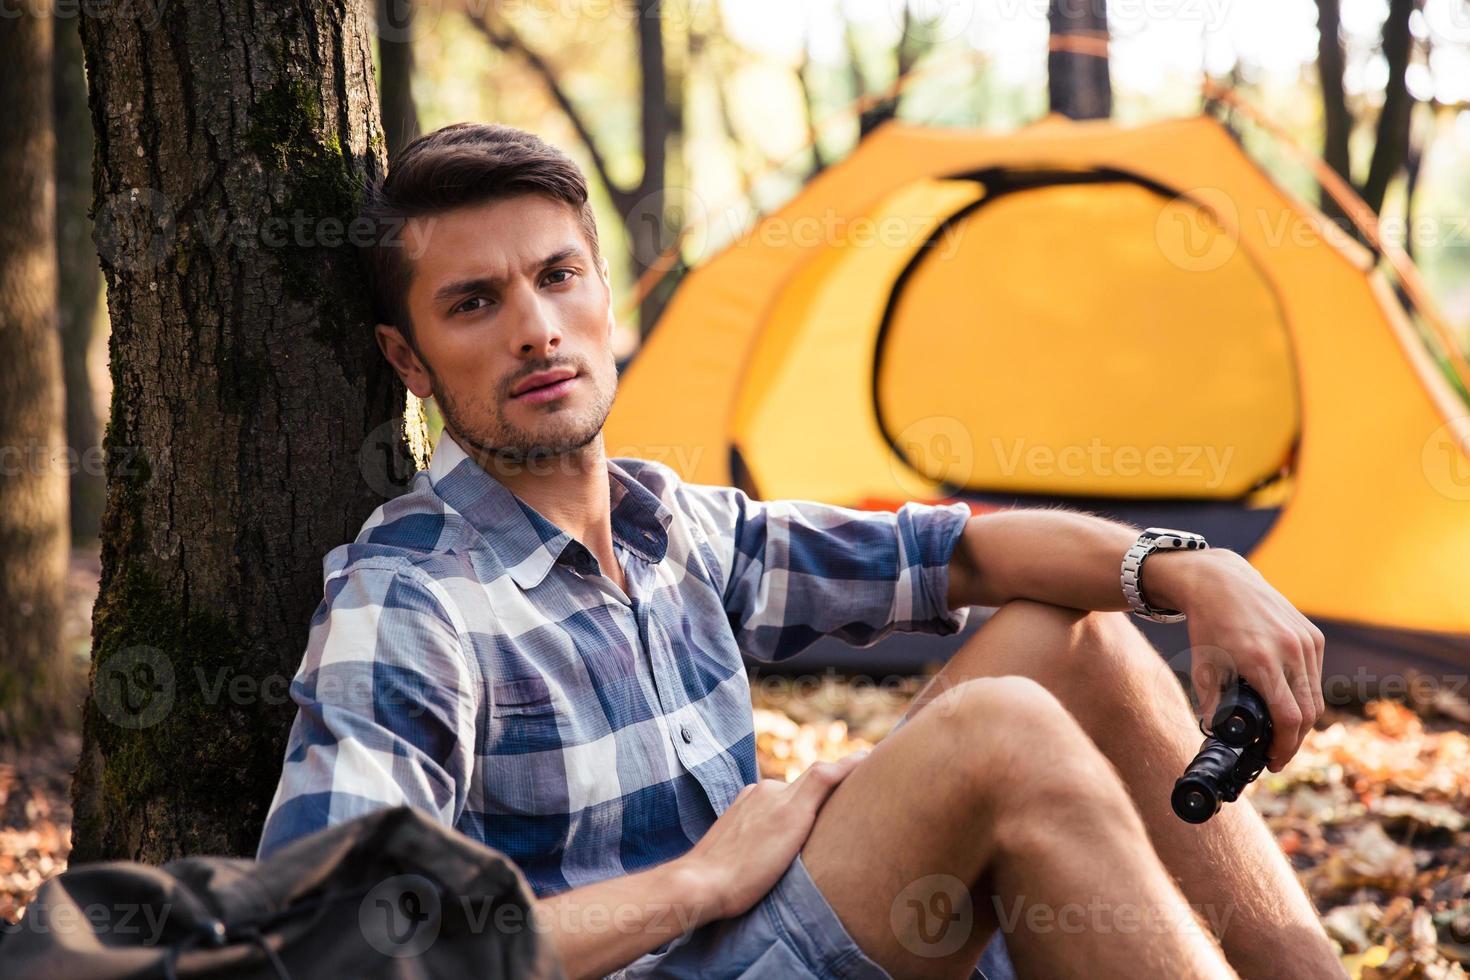 uomo che riposa vicino alla tenda nella foresta foto